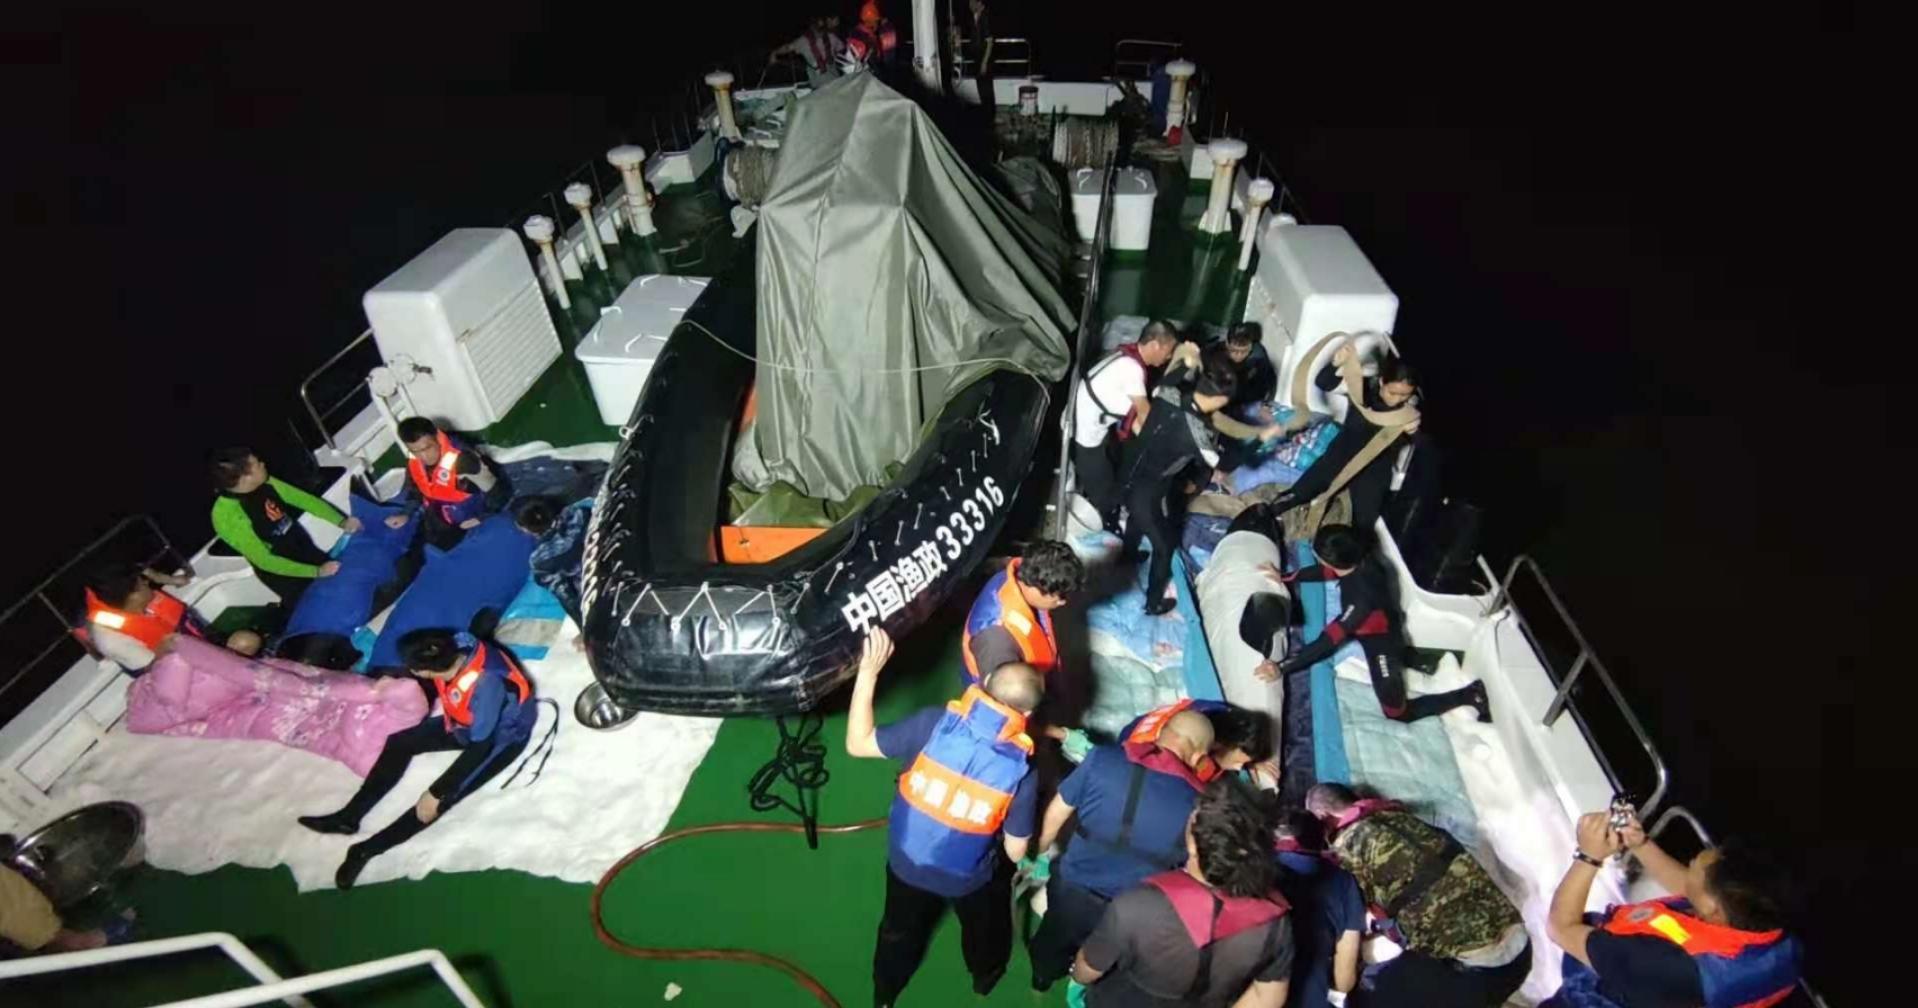 搁浅瓜头鲸救援72小时全记录:终将回归自然